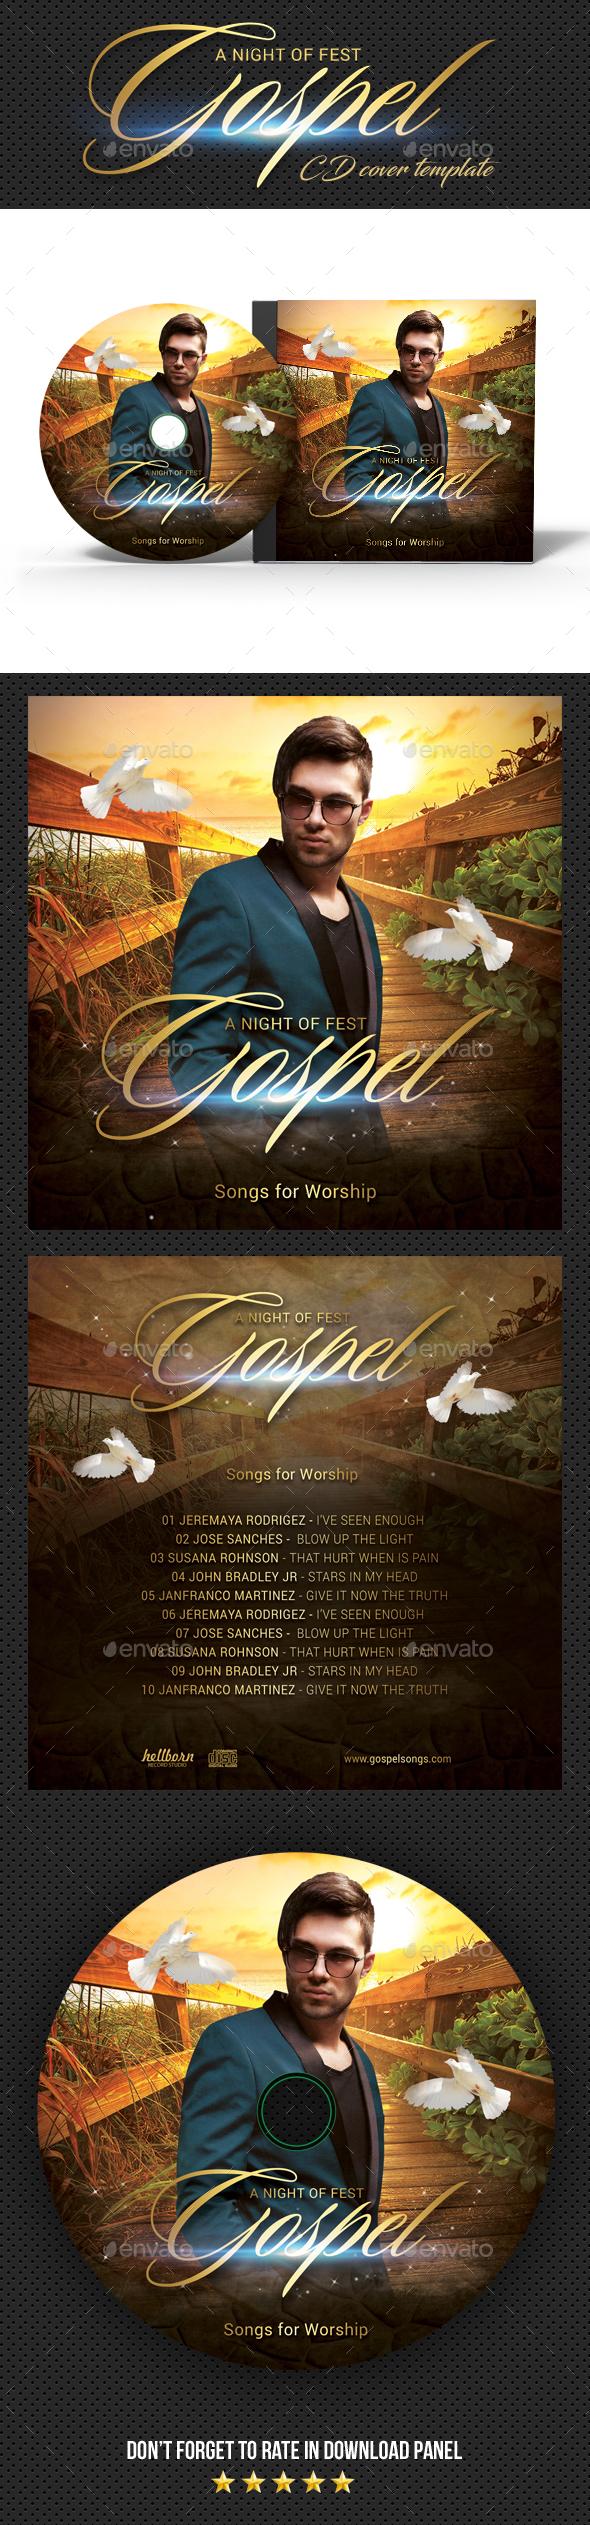 Gospel Fest CD Cover - CD & DVD Artwork Print Templates